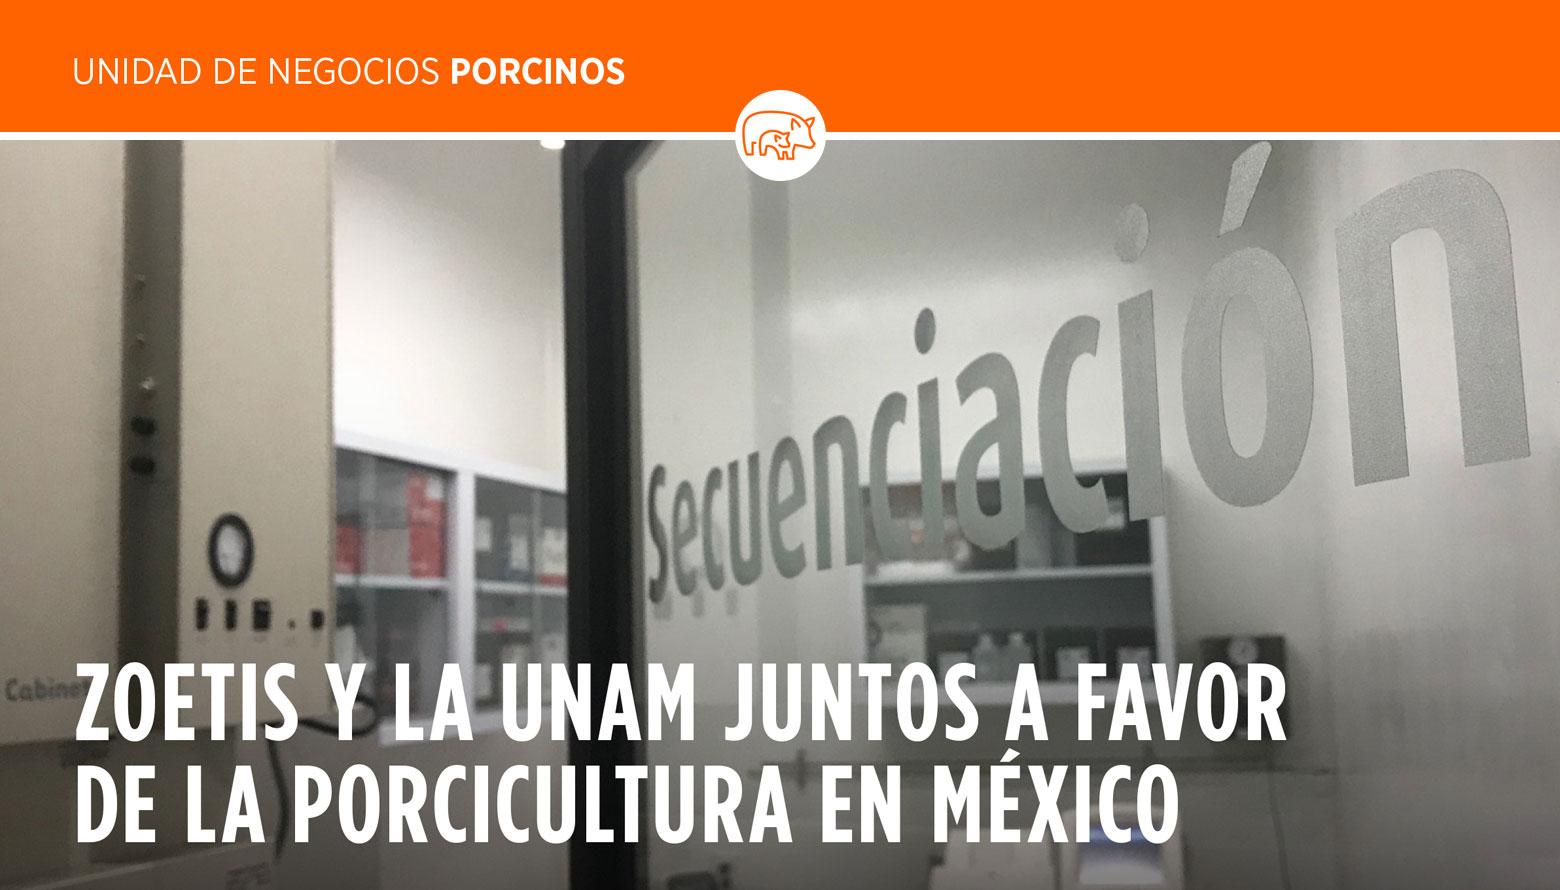 ZOETIS y la UNAM juntos a favor de la porcicultura en México